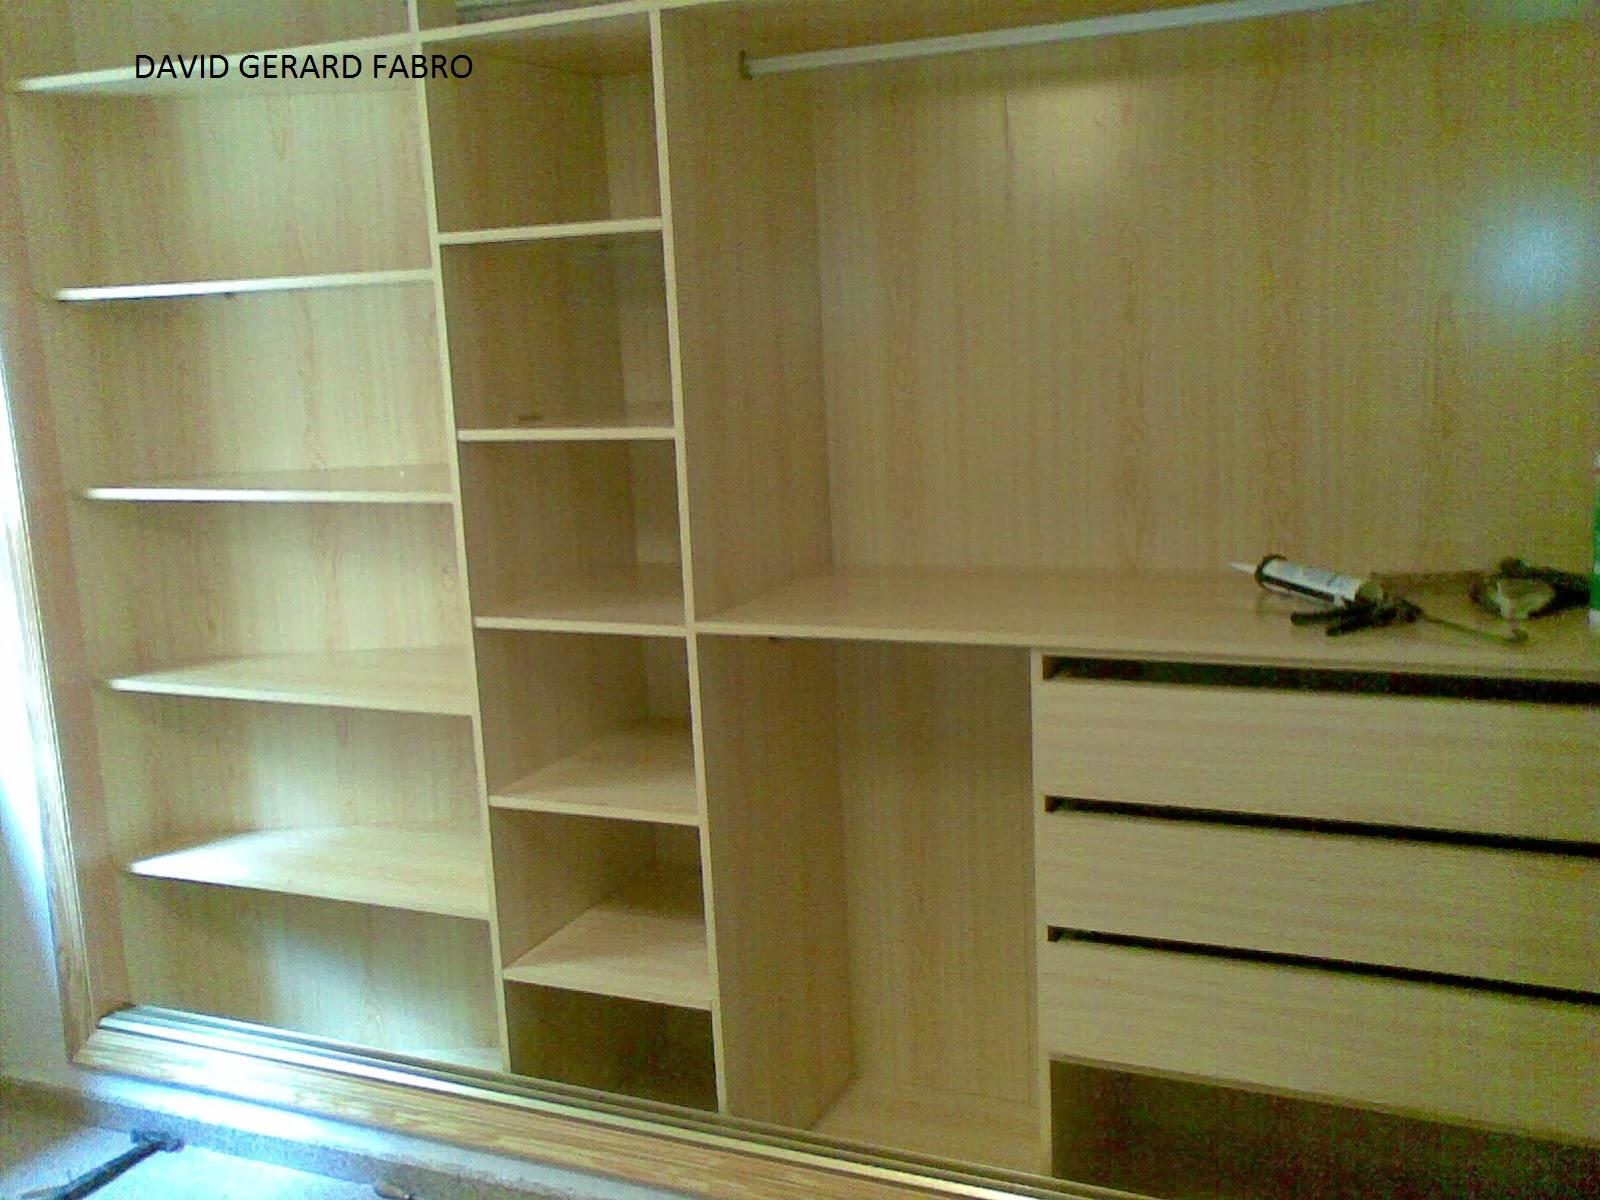 Todo en carpinter a bricolaje y decoraci n noviembre 2013 for Todo armarios